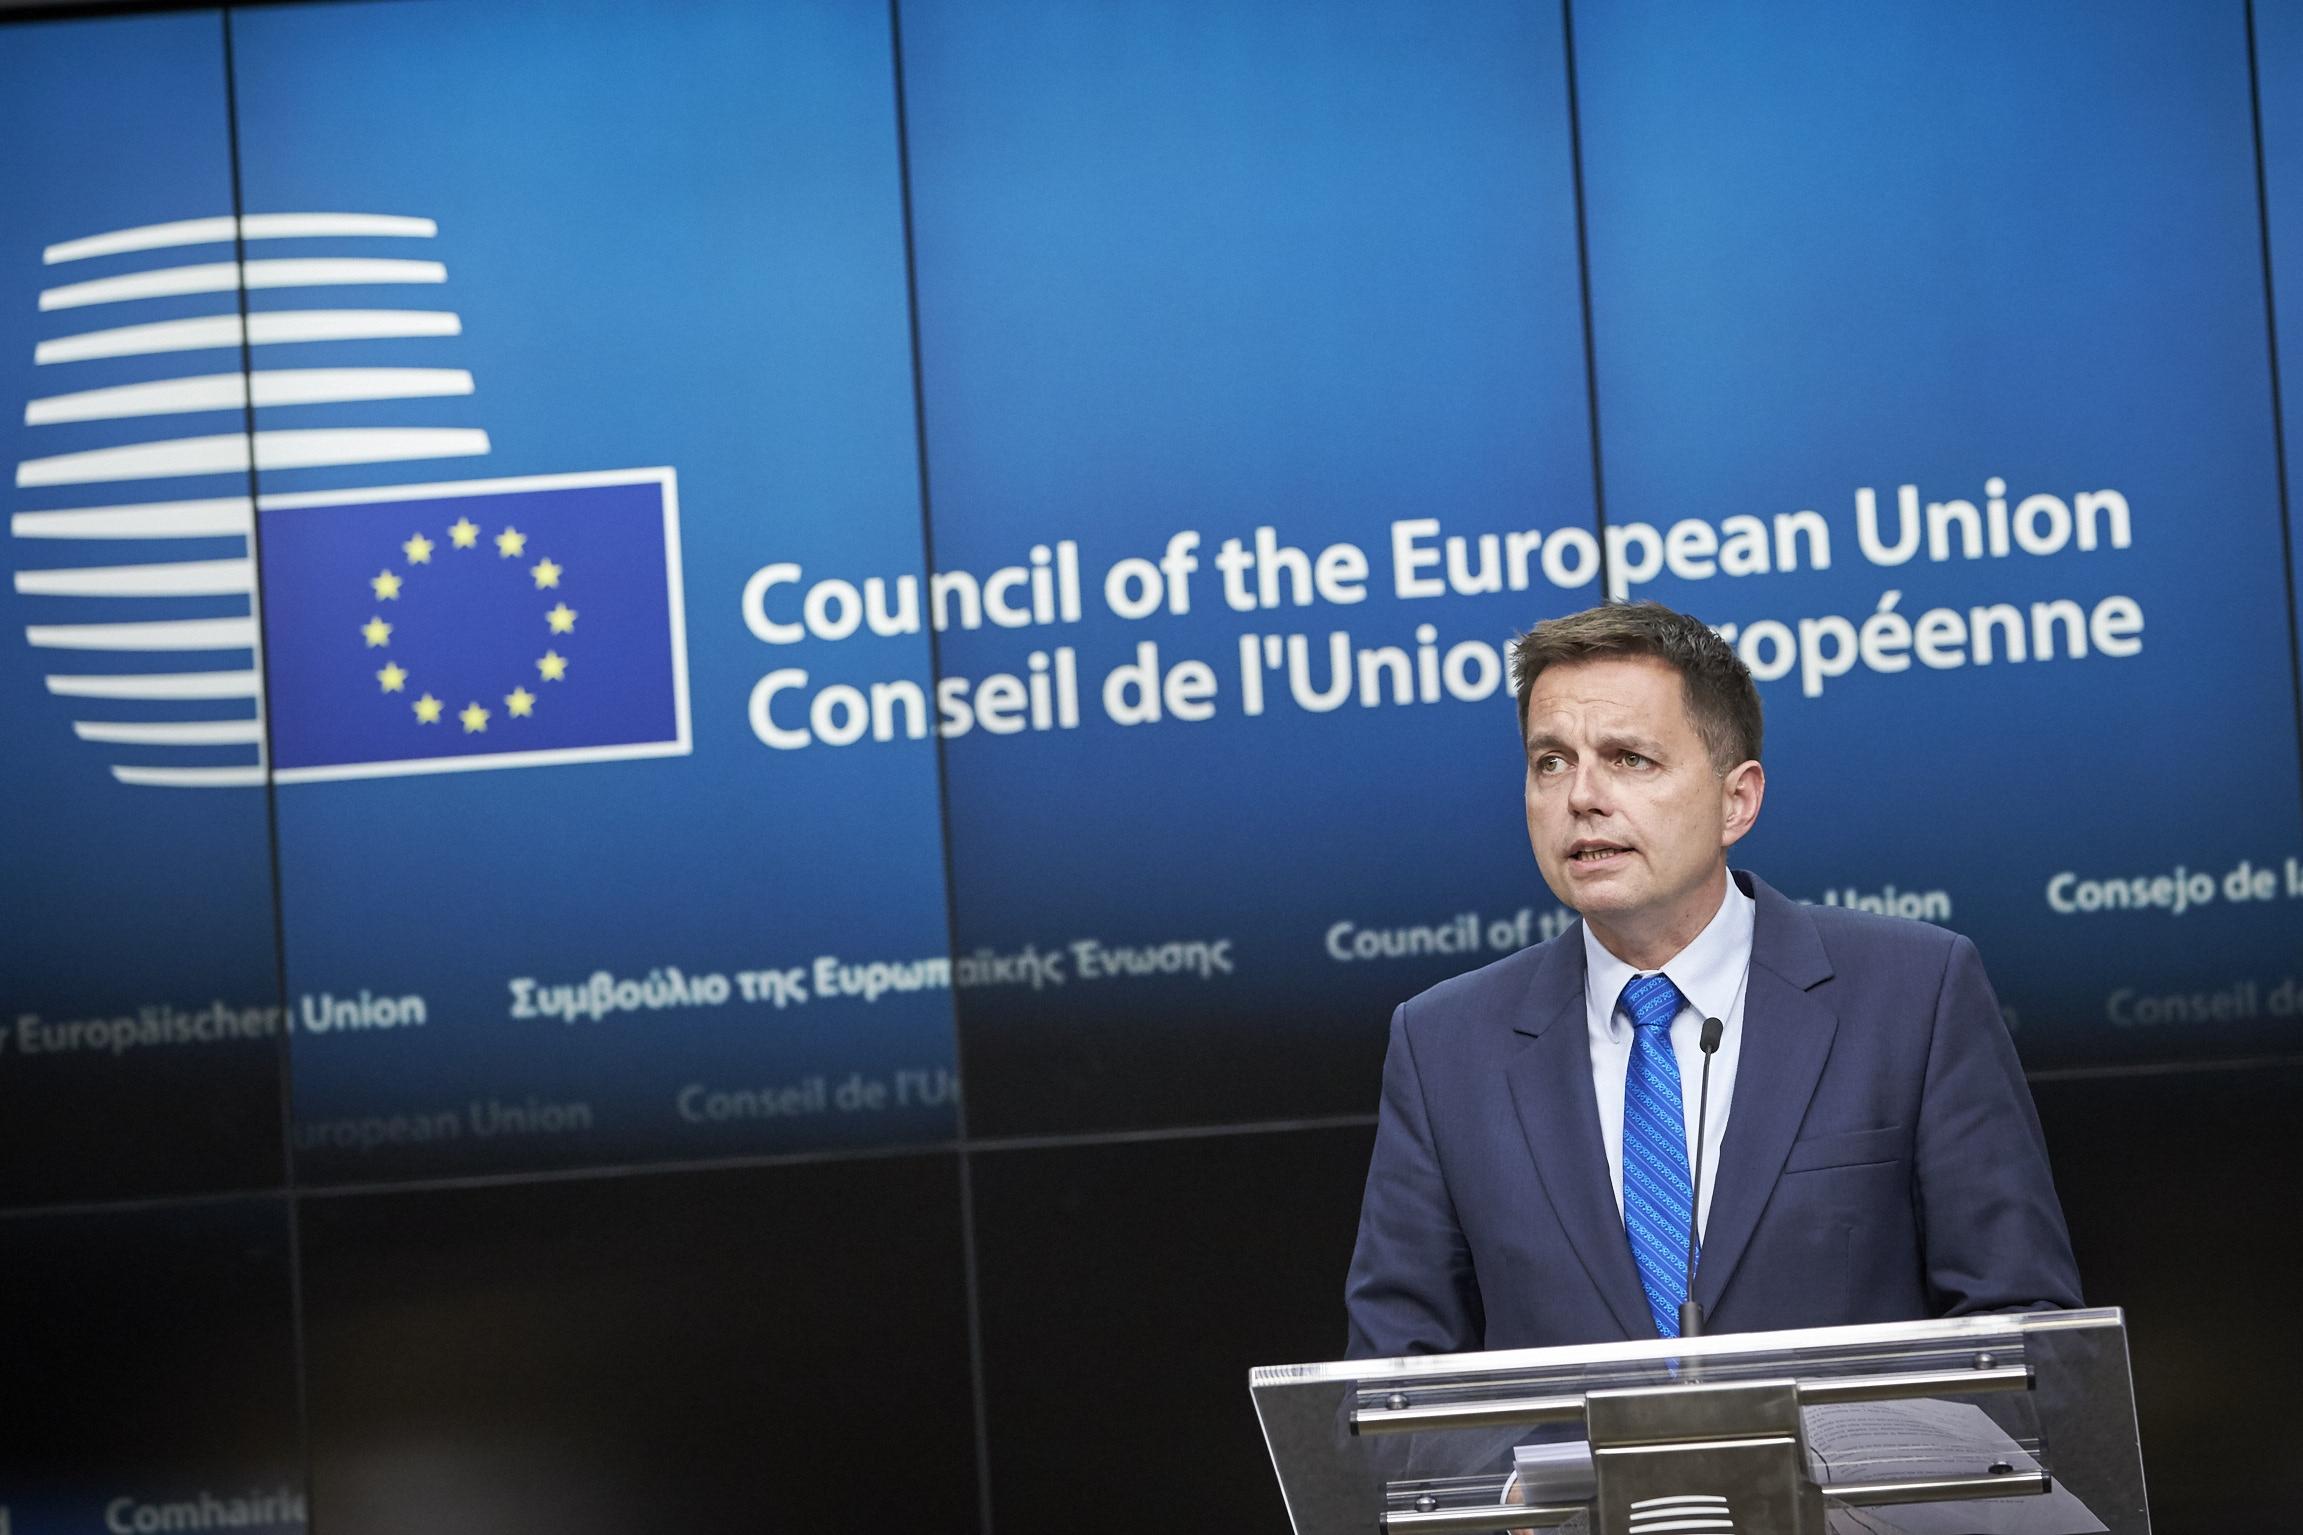 Kažimír Ecofin Španielsko Portugalsko